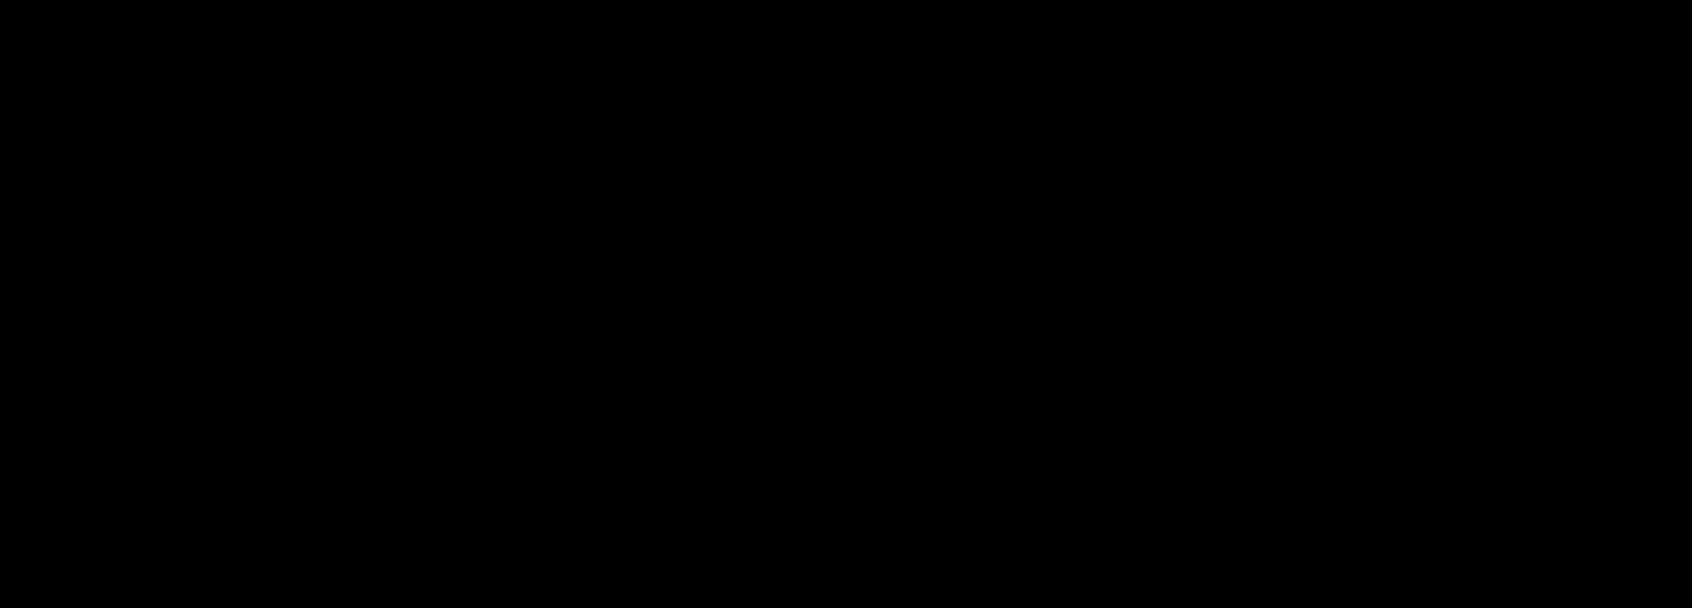 mari-porshe-logo